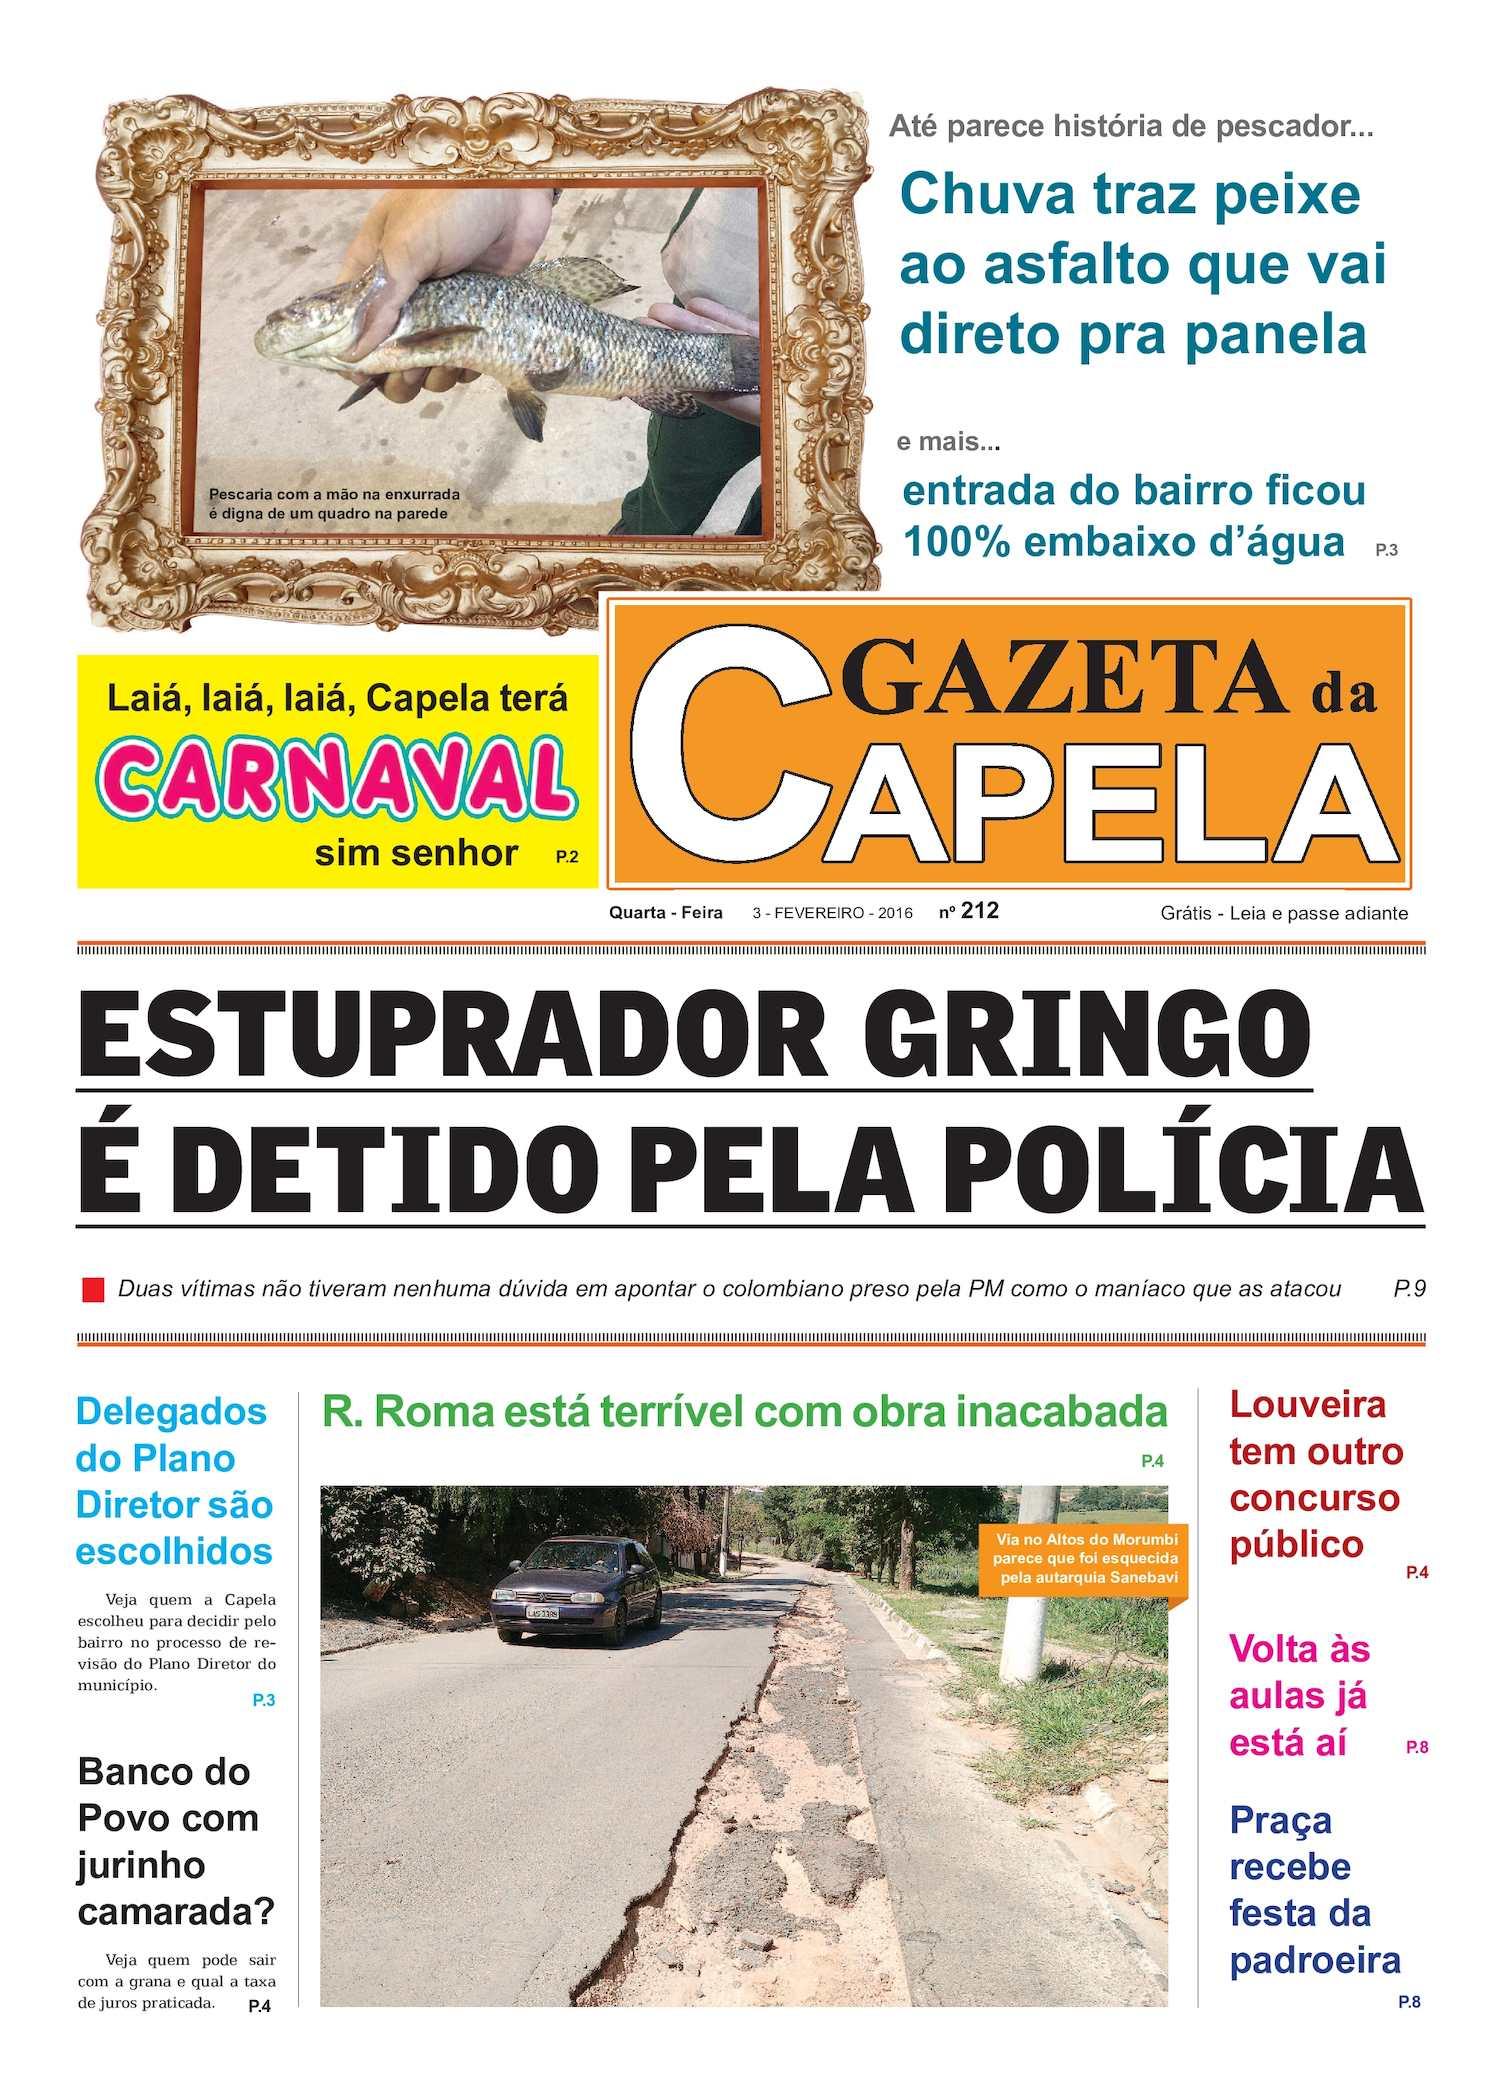 Calaméo - Gazeta Da Capela 03 De Fevereiro 2016 Edic 212 2b160a3b00c07